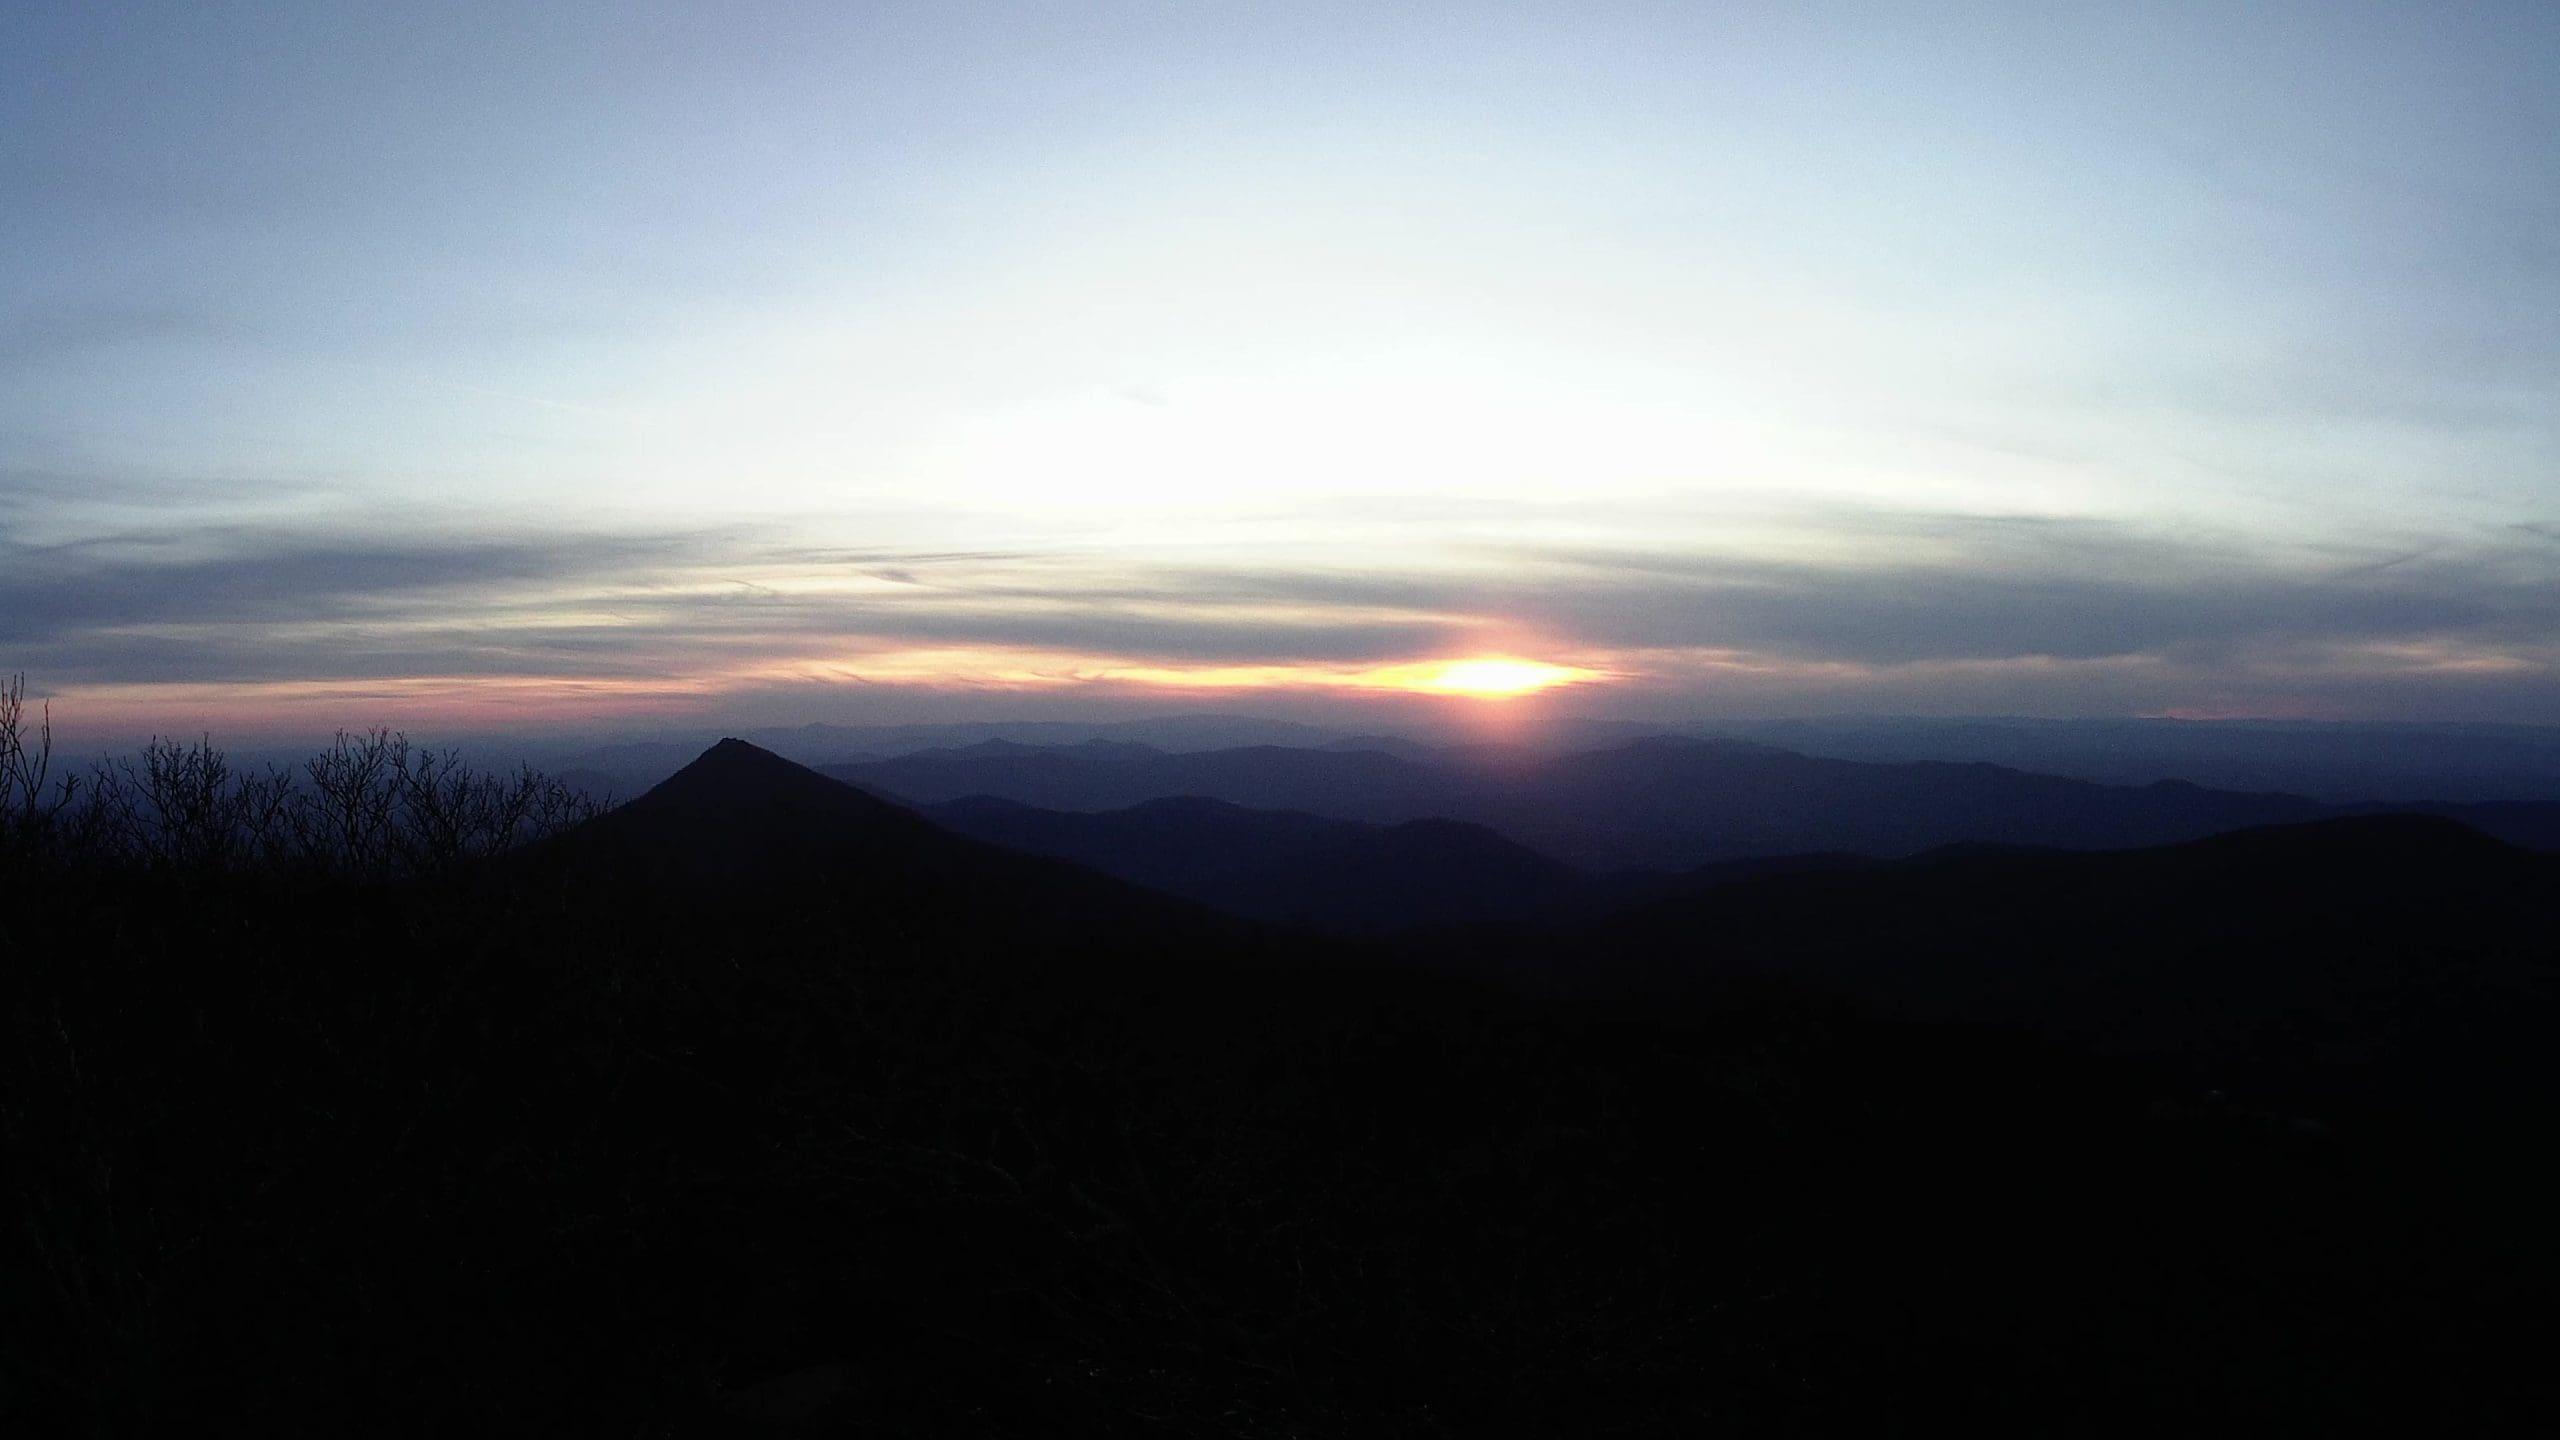 Road Trips From Roanoke - Peaks of Otter - Flat Top Mountain Trail